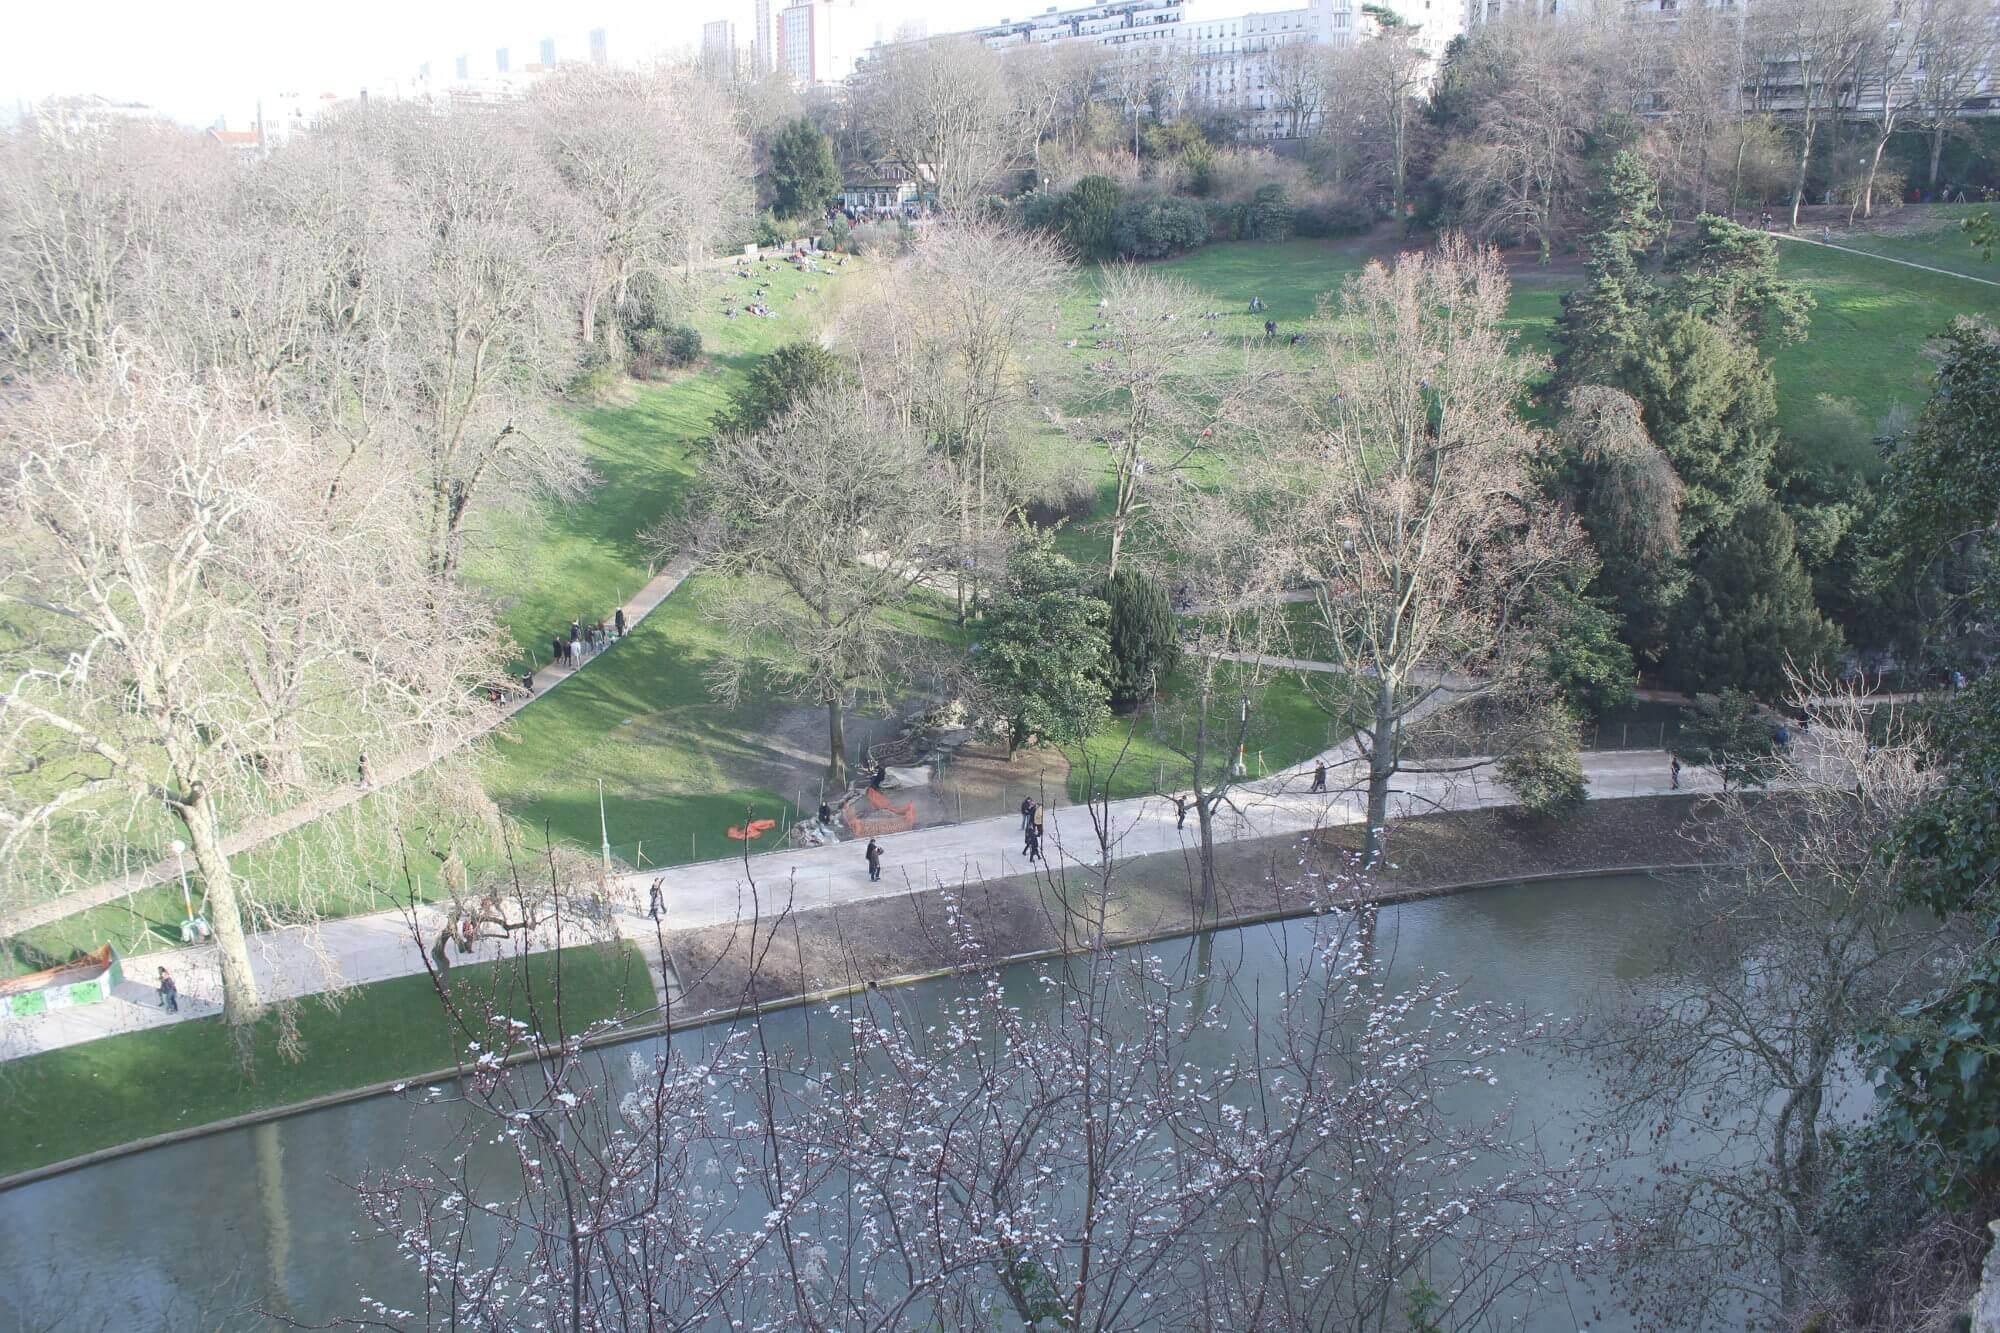 Ausblick über den Park Buttes-Chaumont in Paris